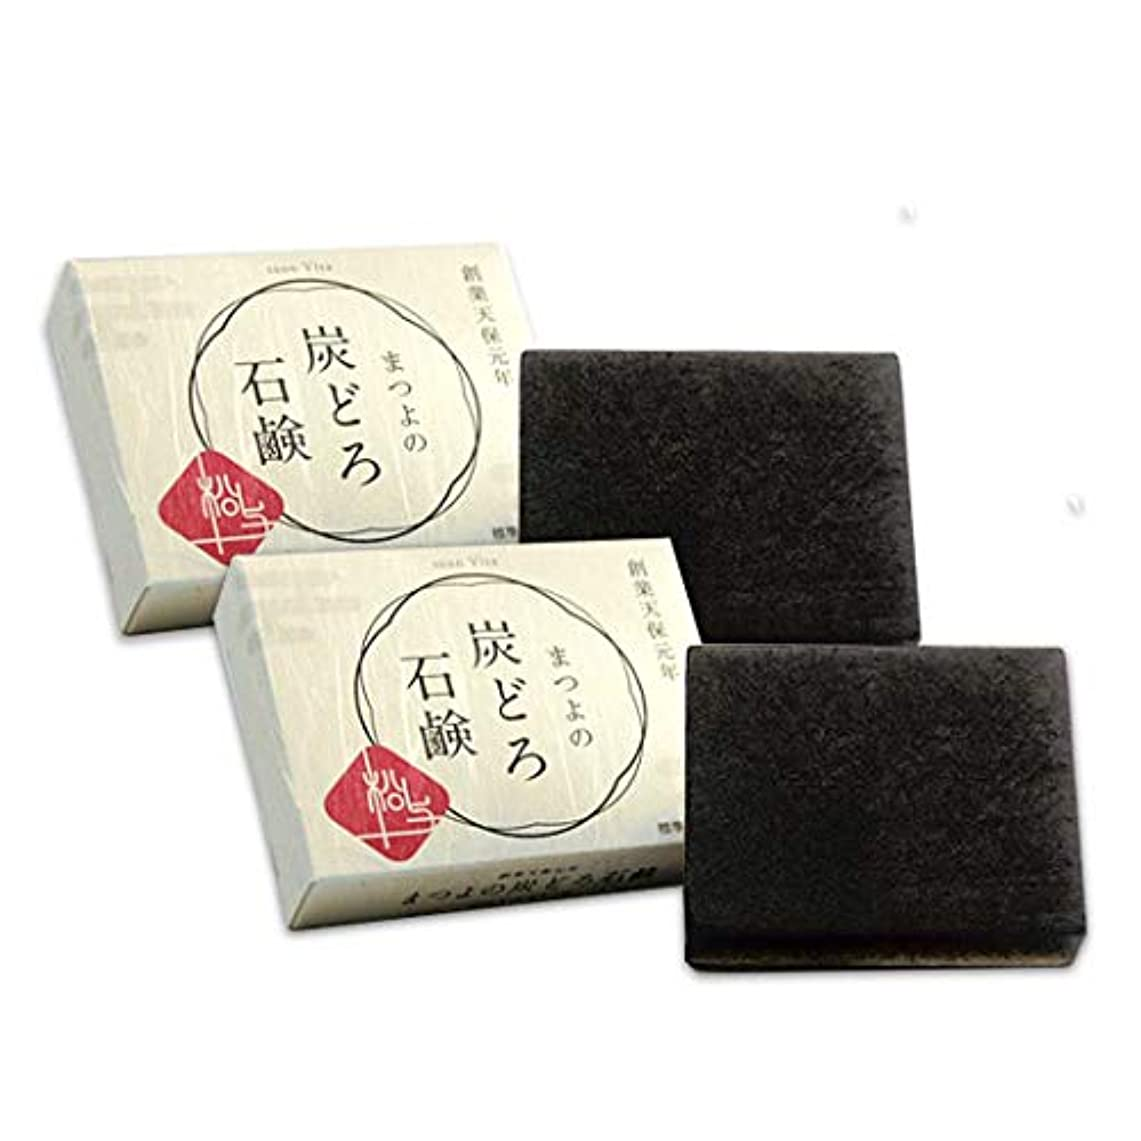 誇大妄想ラフ睡眠憎しみVITA(ヴィータ) 石鹸 EM140 70g×2個入り